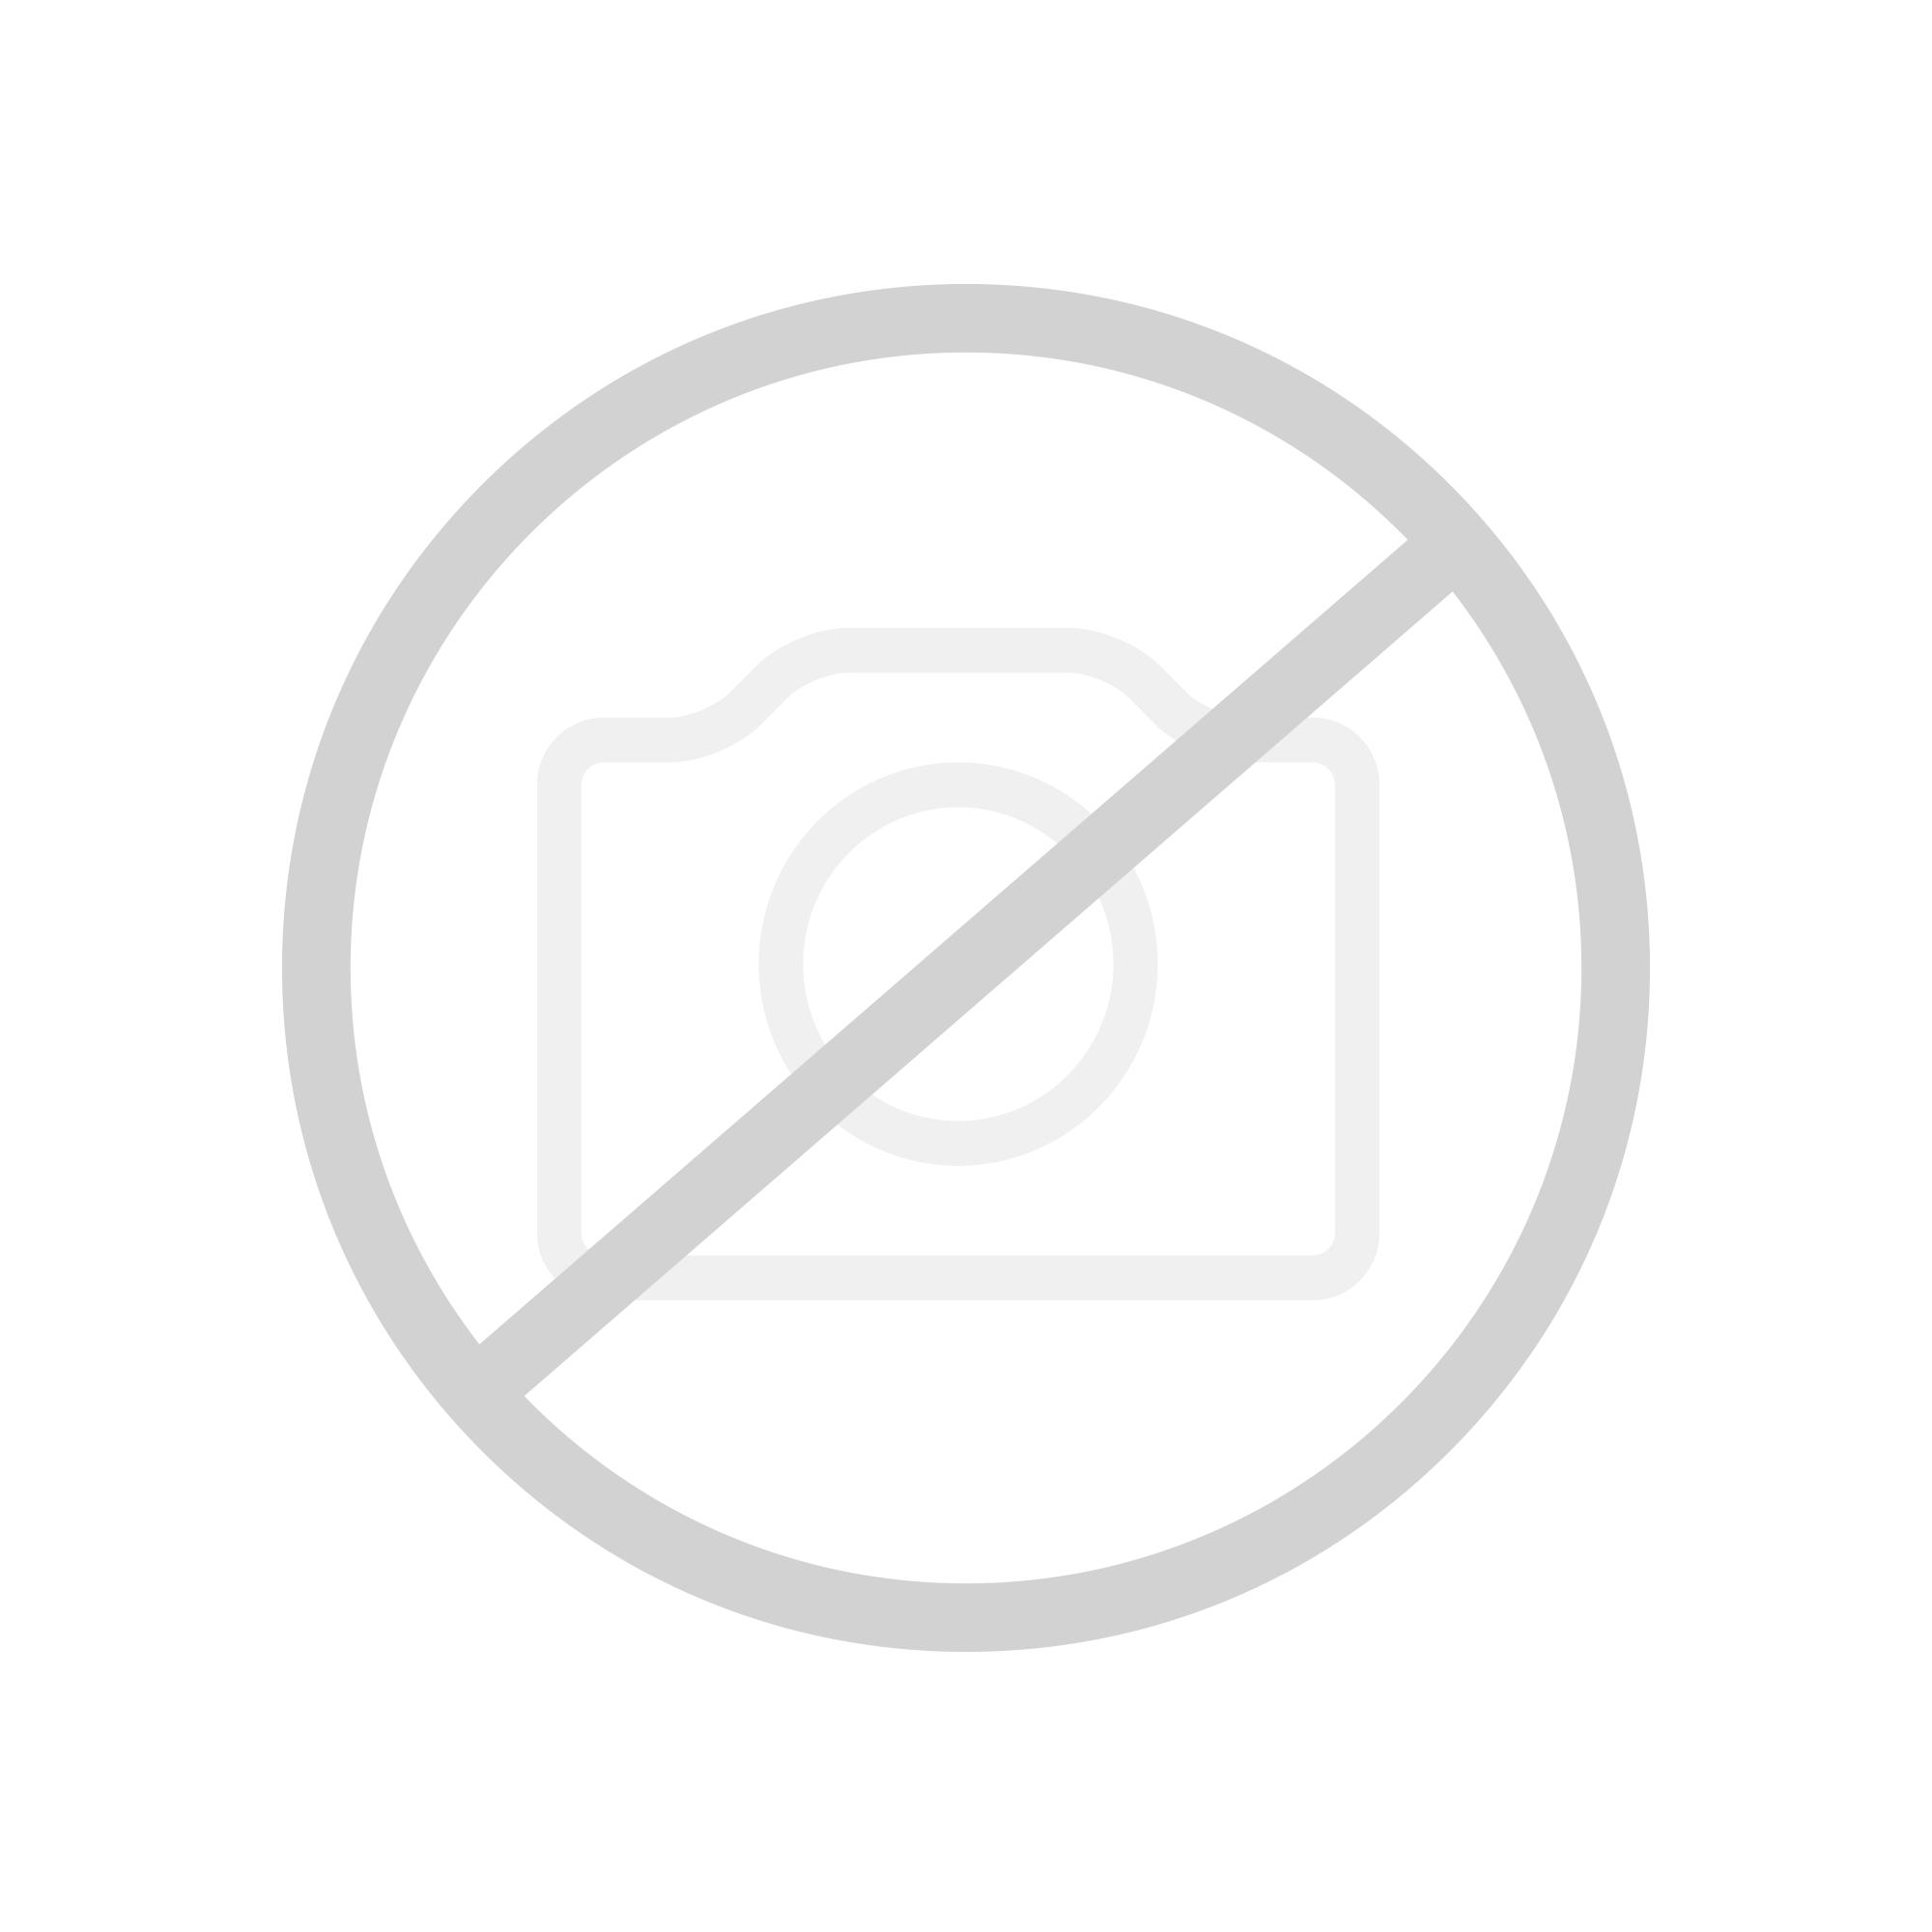 Villeroy & Boch Aveo Ovale Badewanne weiß